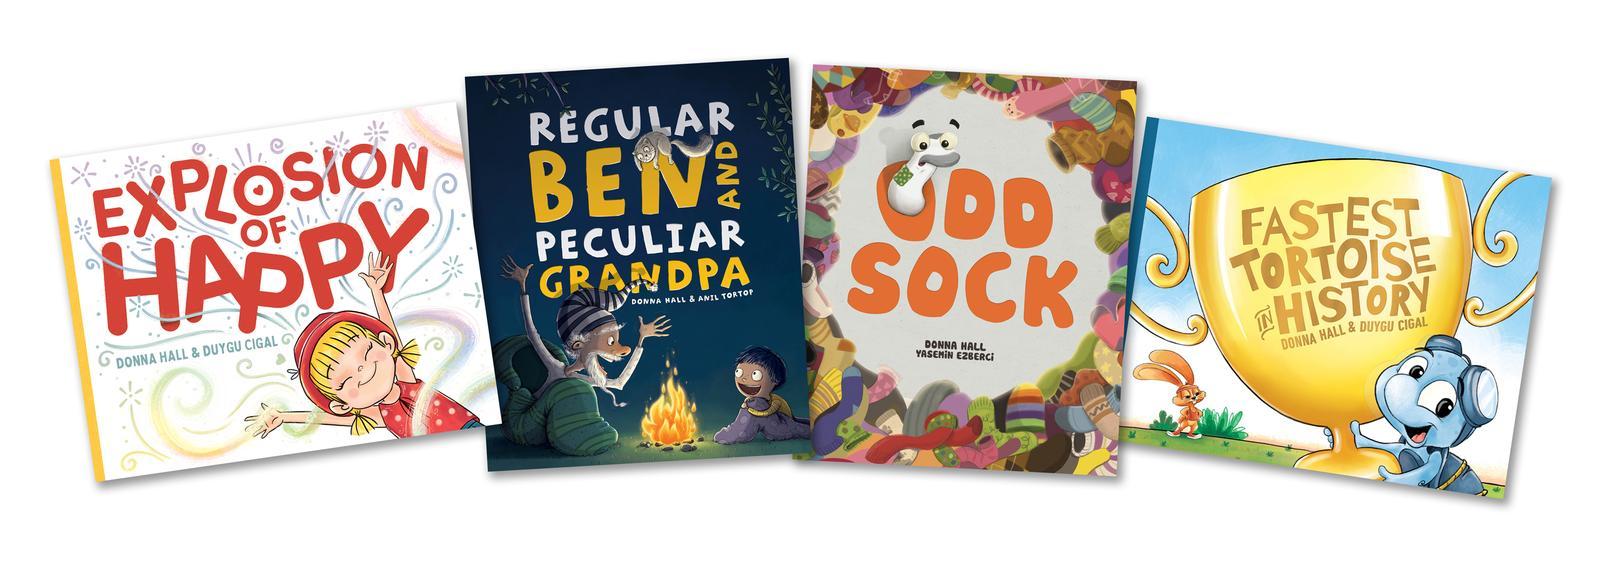 Donna Hall books